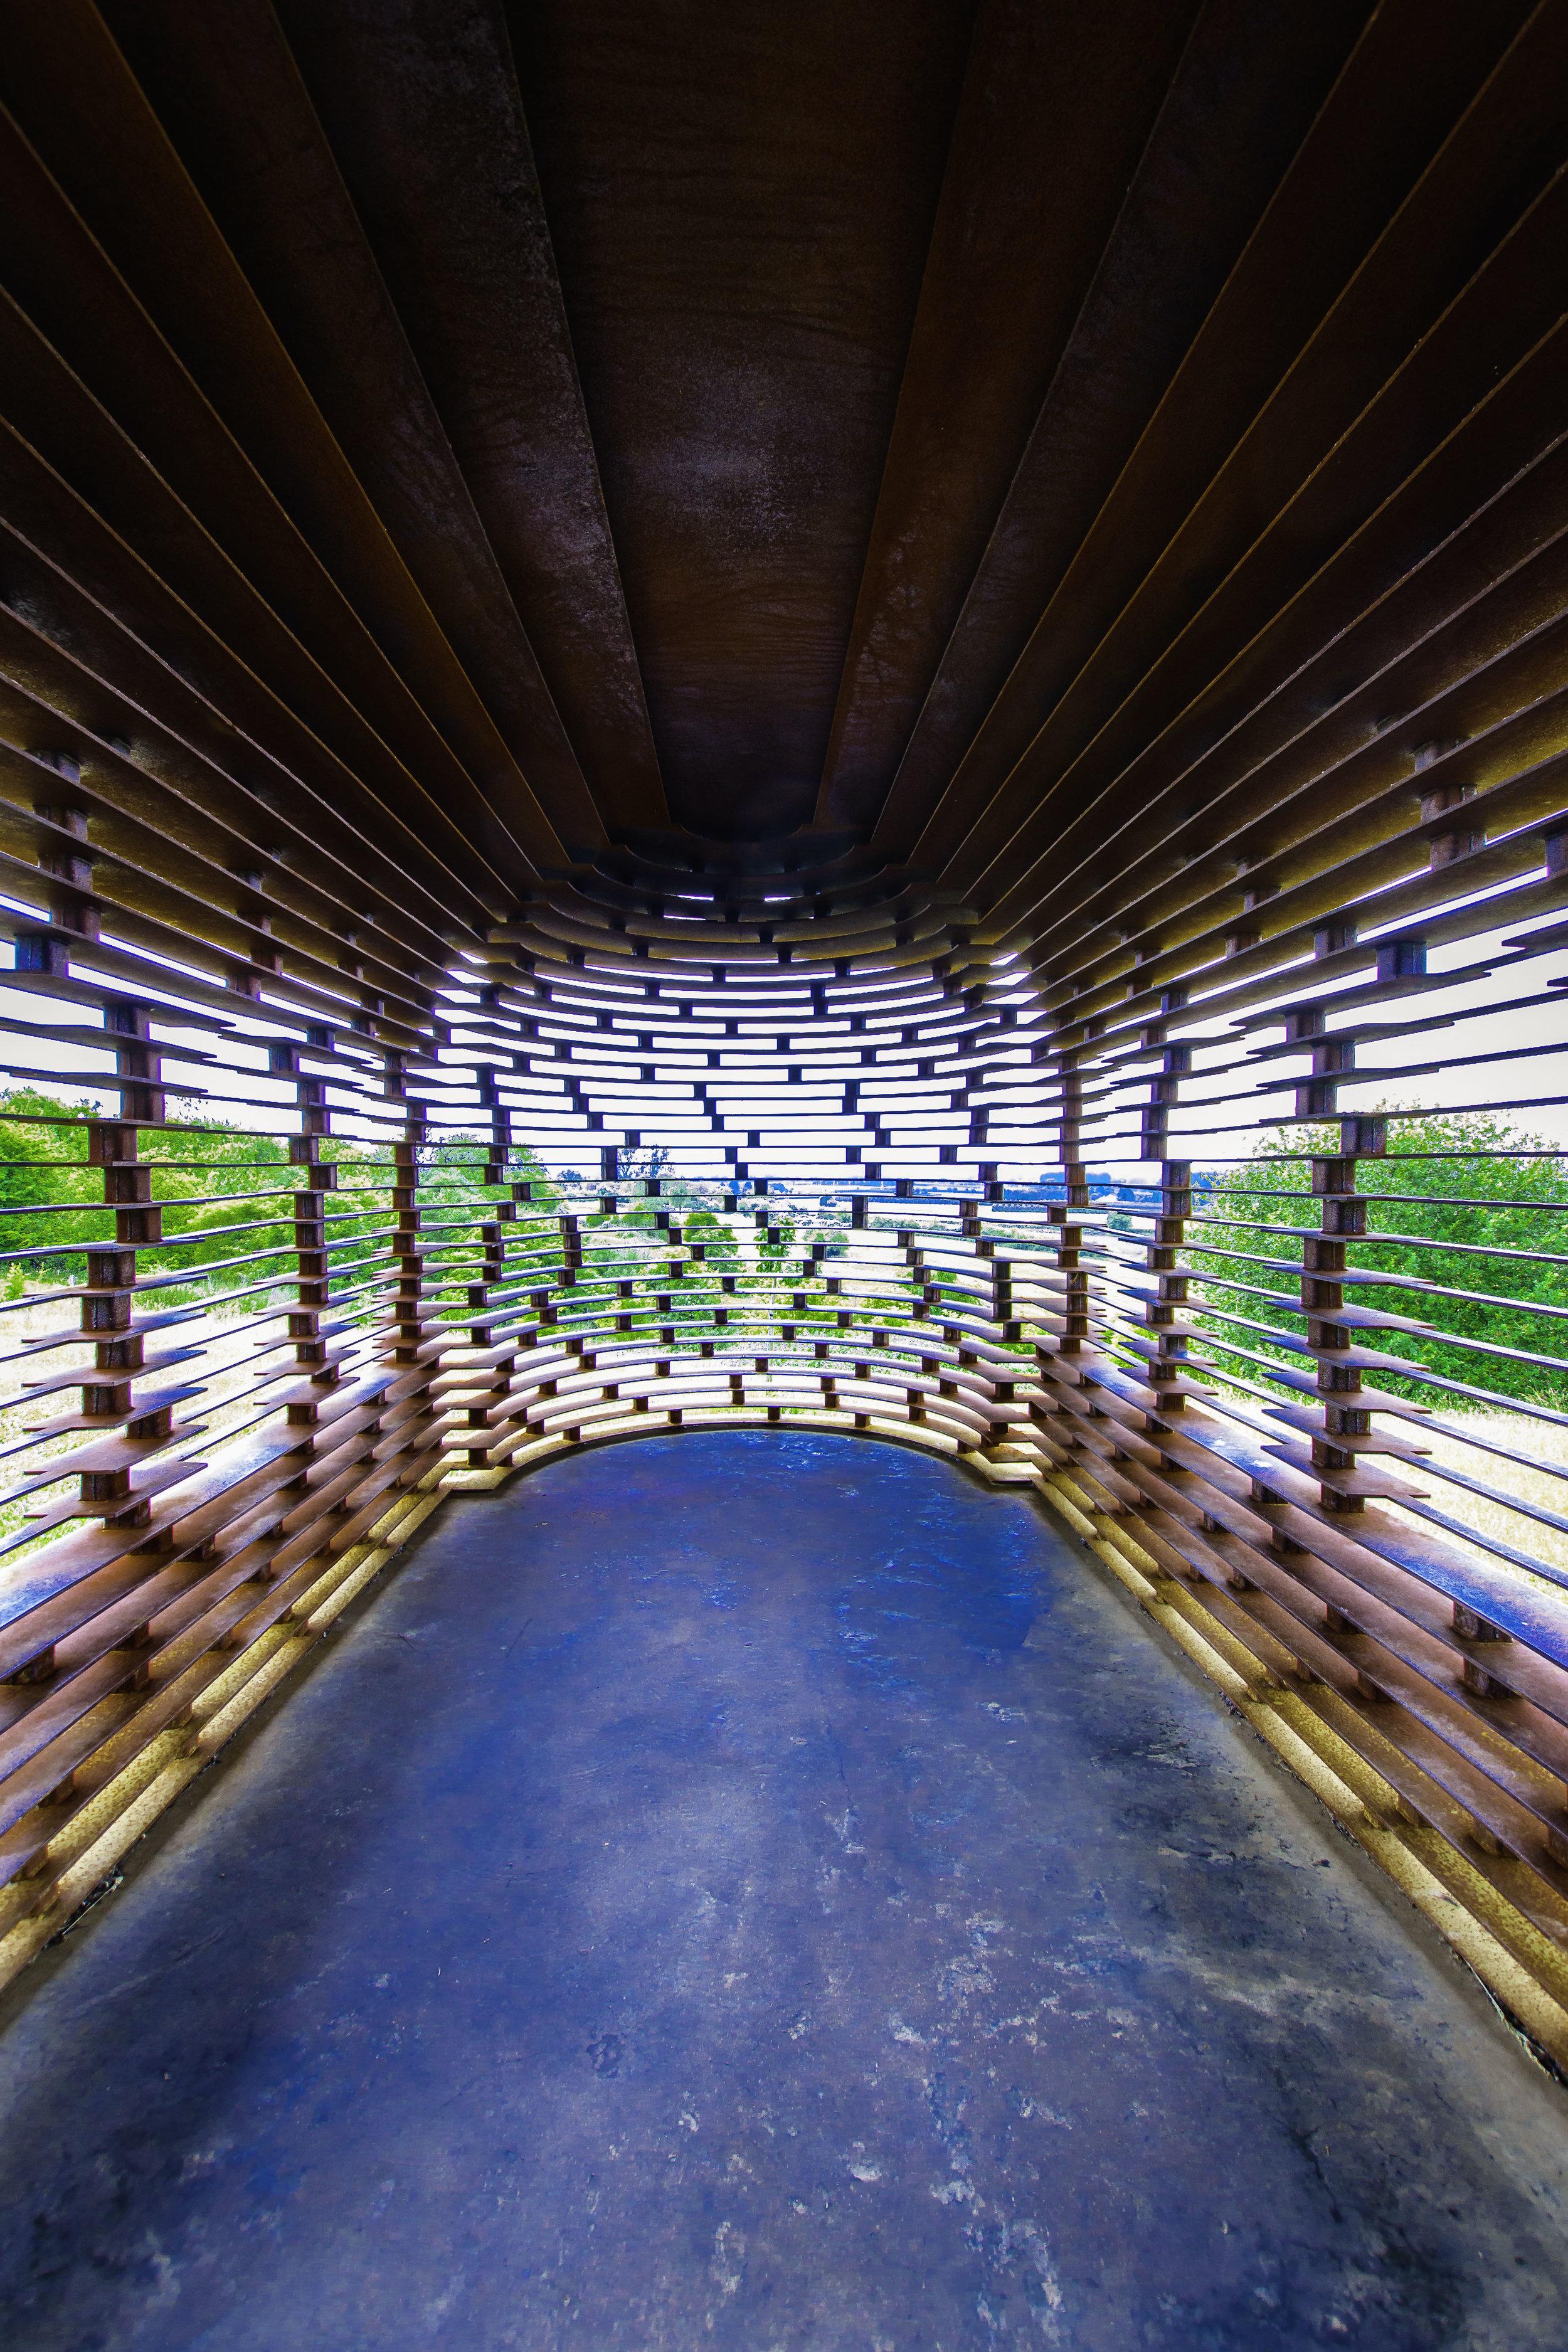 viewfinder-creativeboody-memento-doorkijkkerkje-borgloon-3.jpg